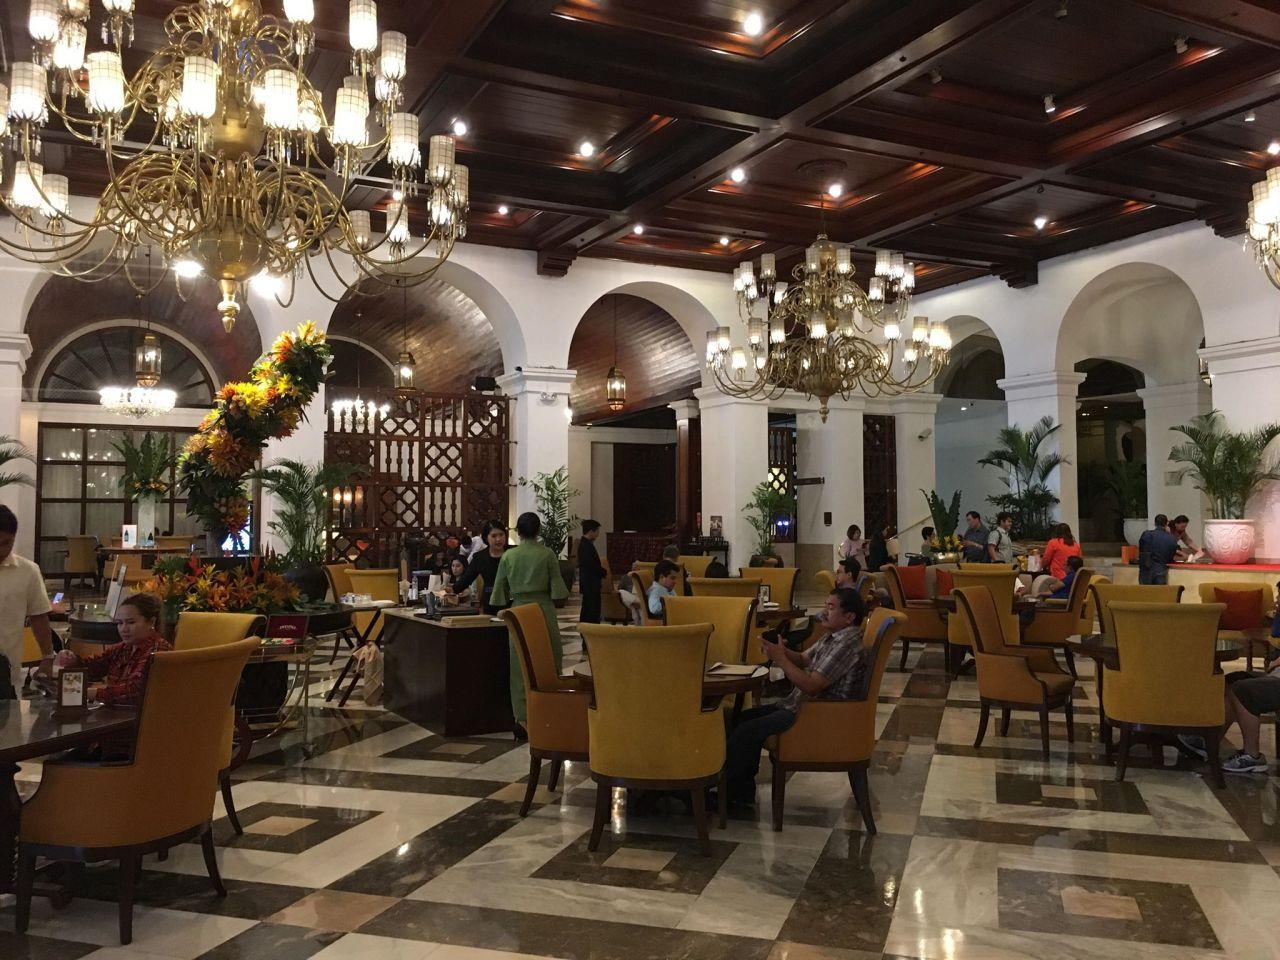 the lobby at the Manila Hotel